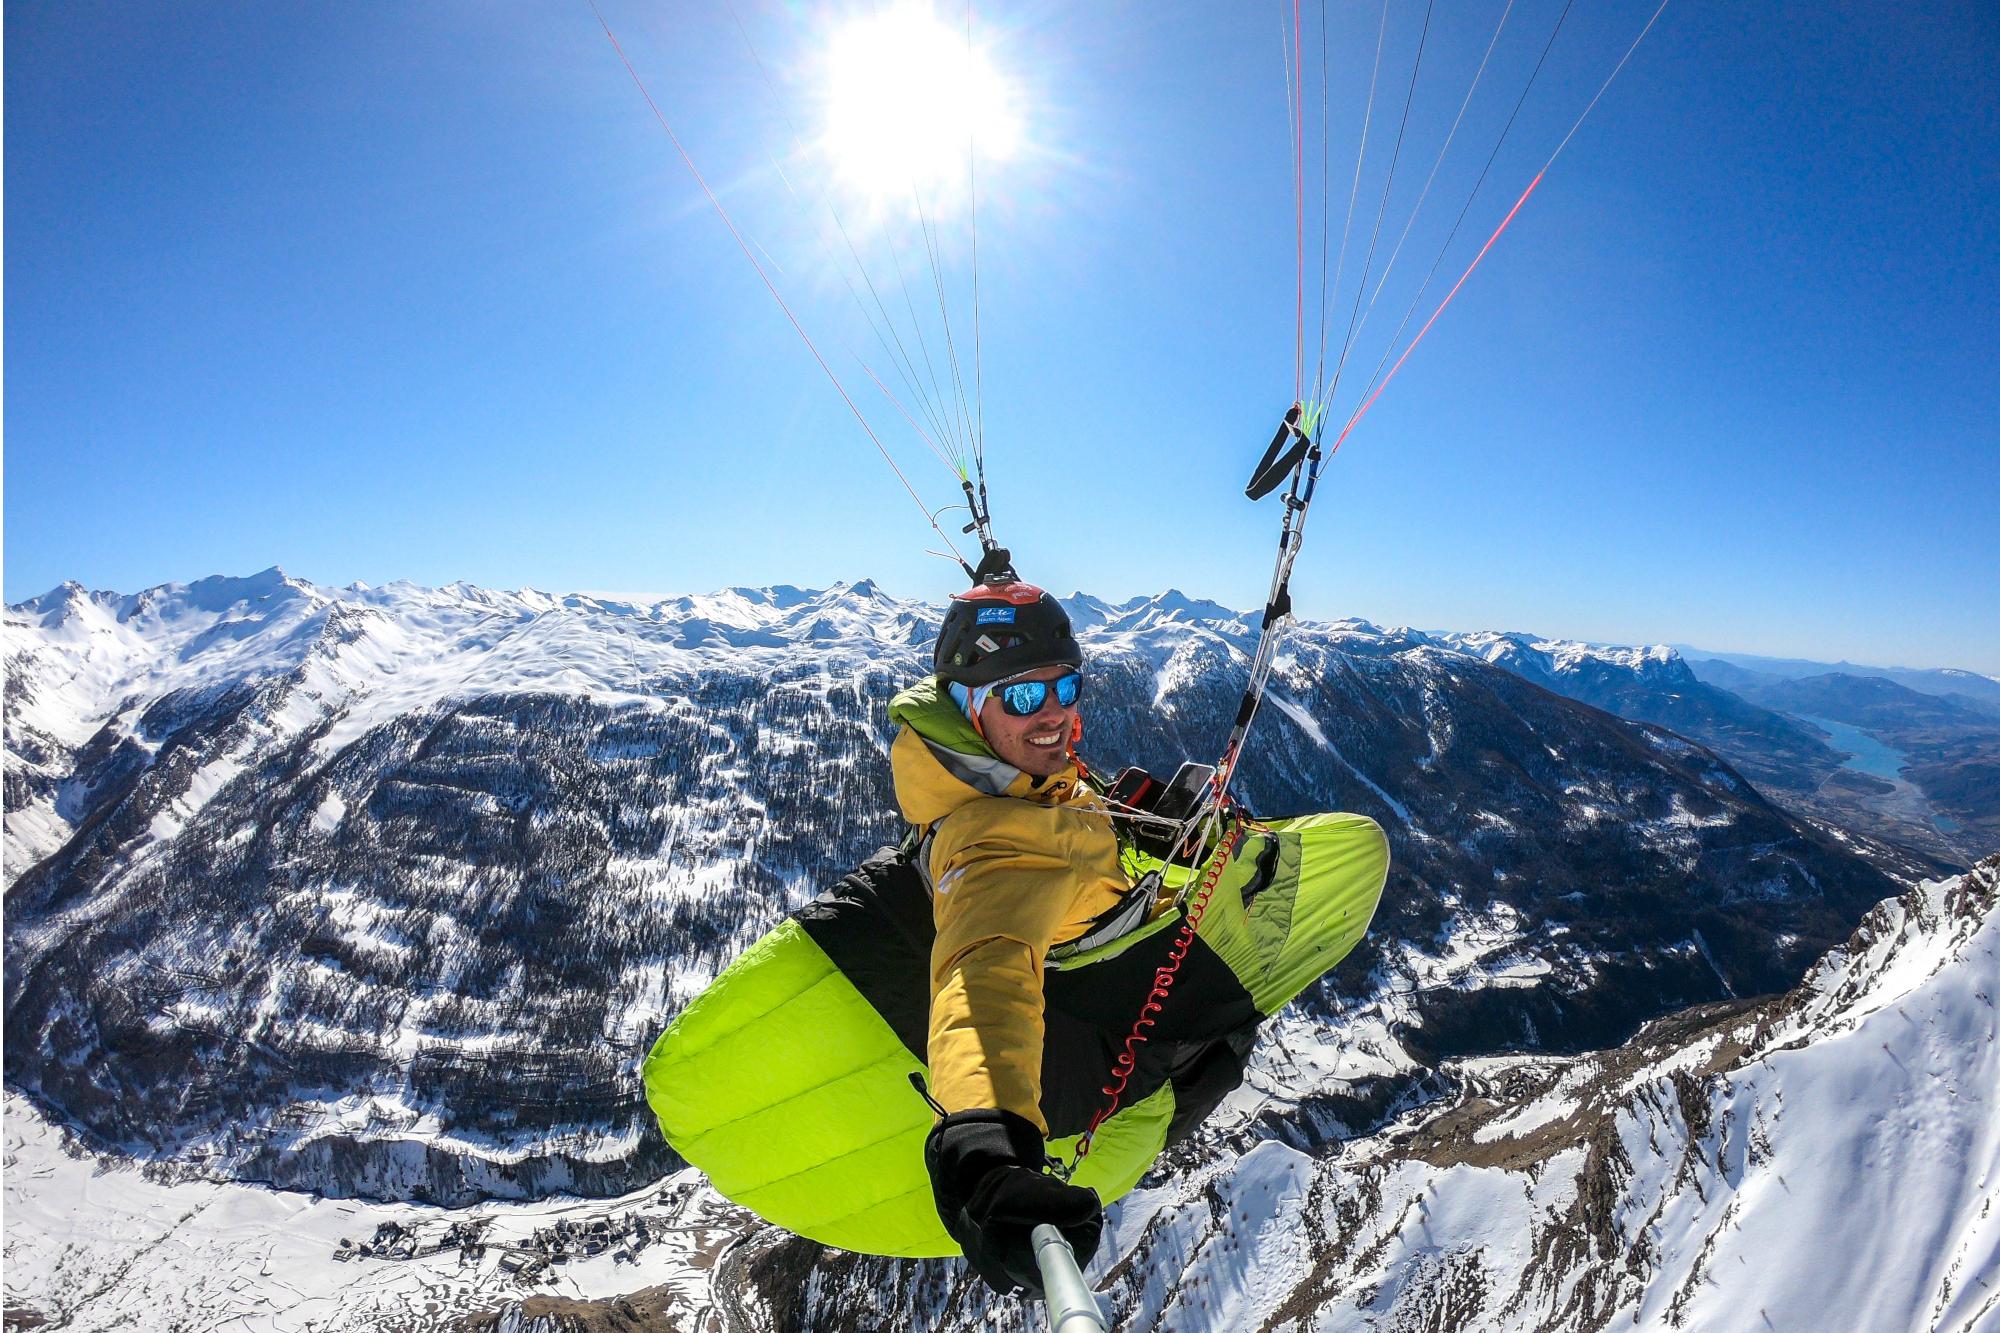 Hiver 2020, entraînement hike and fly, vallée de Crevoux, Hautes-Alpes. Damien Lacaze